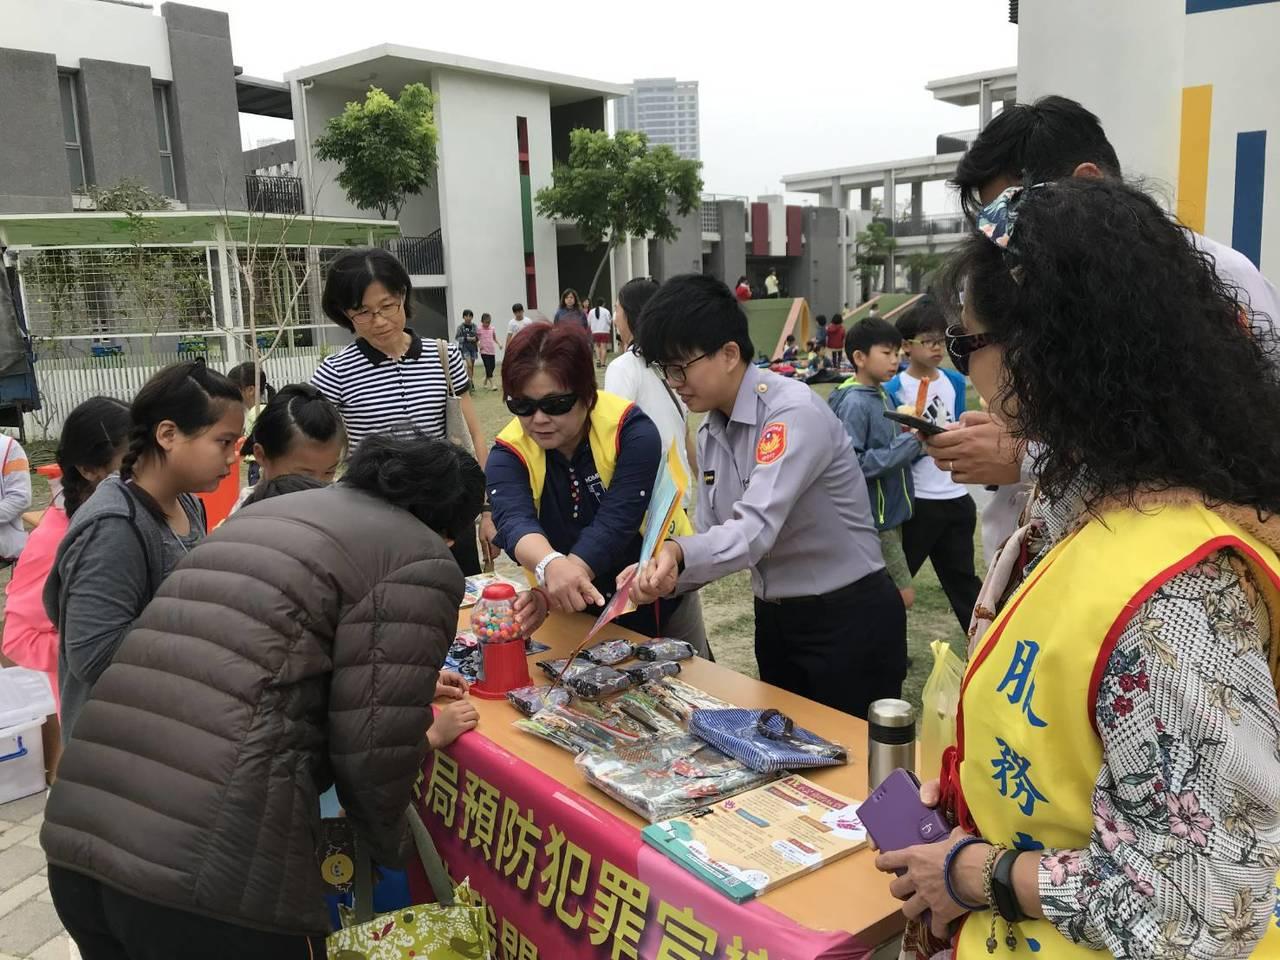 台南婦幼警察隊精心設計有關兒少保護相關問題,答對者便可玩遊戲、選獎品,吸引不少朋...